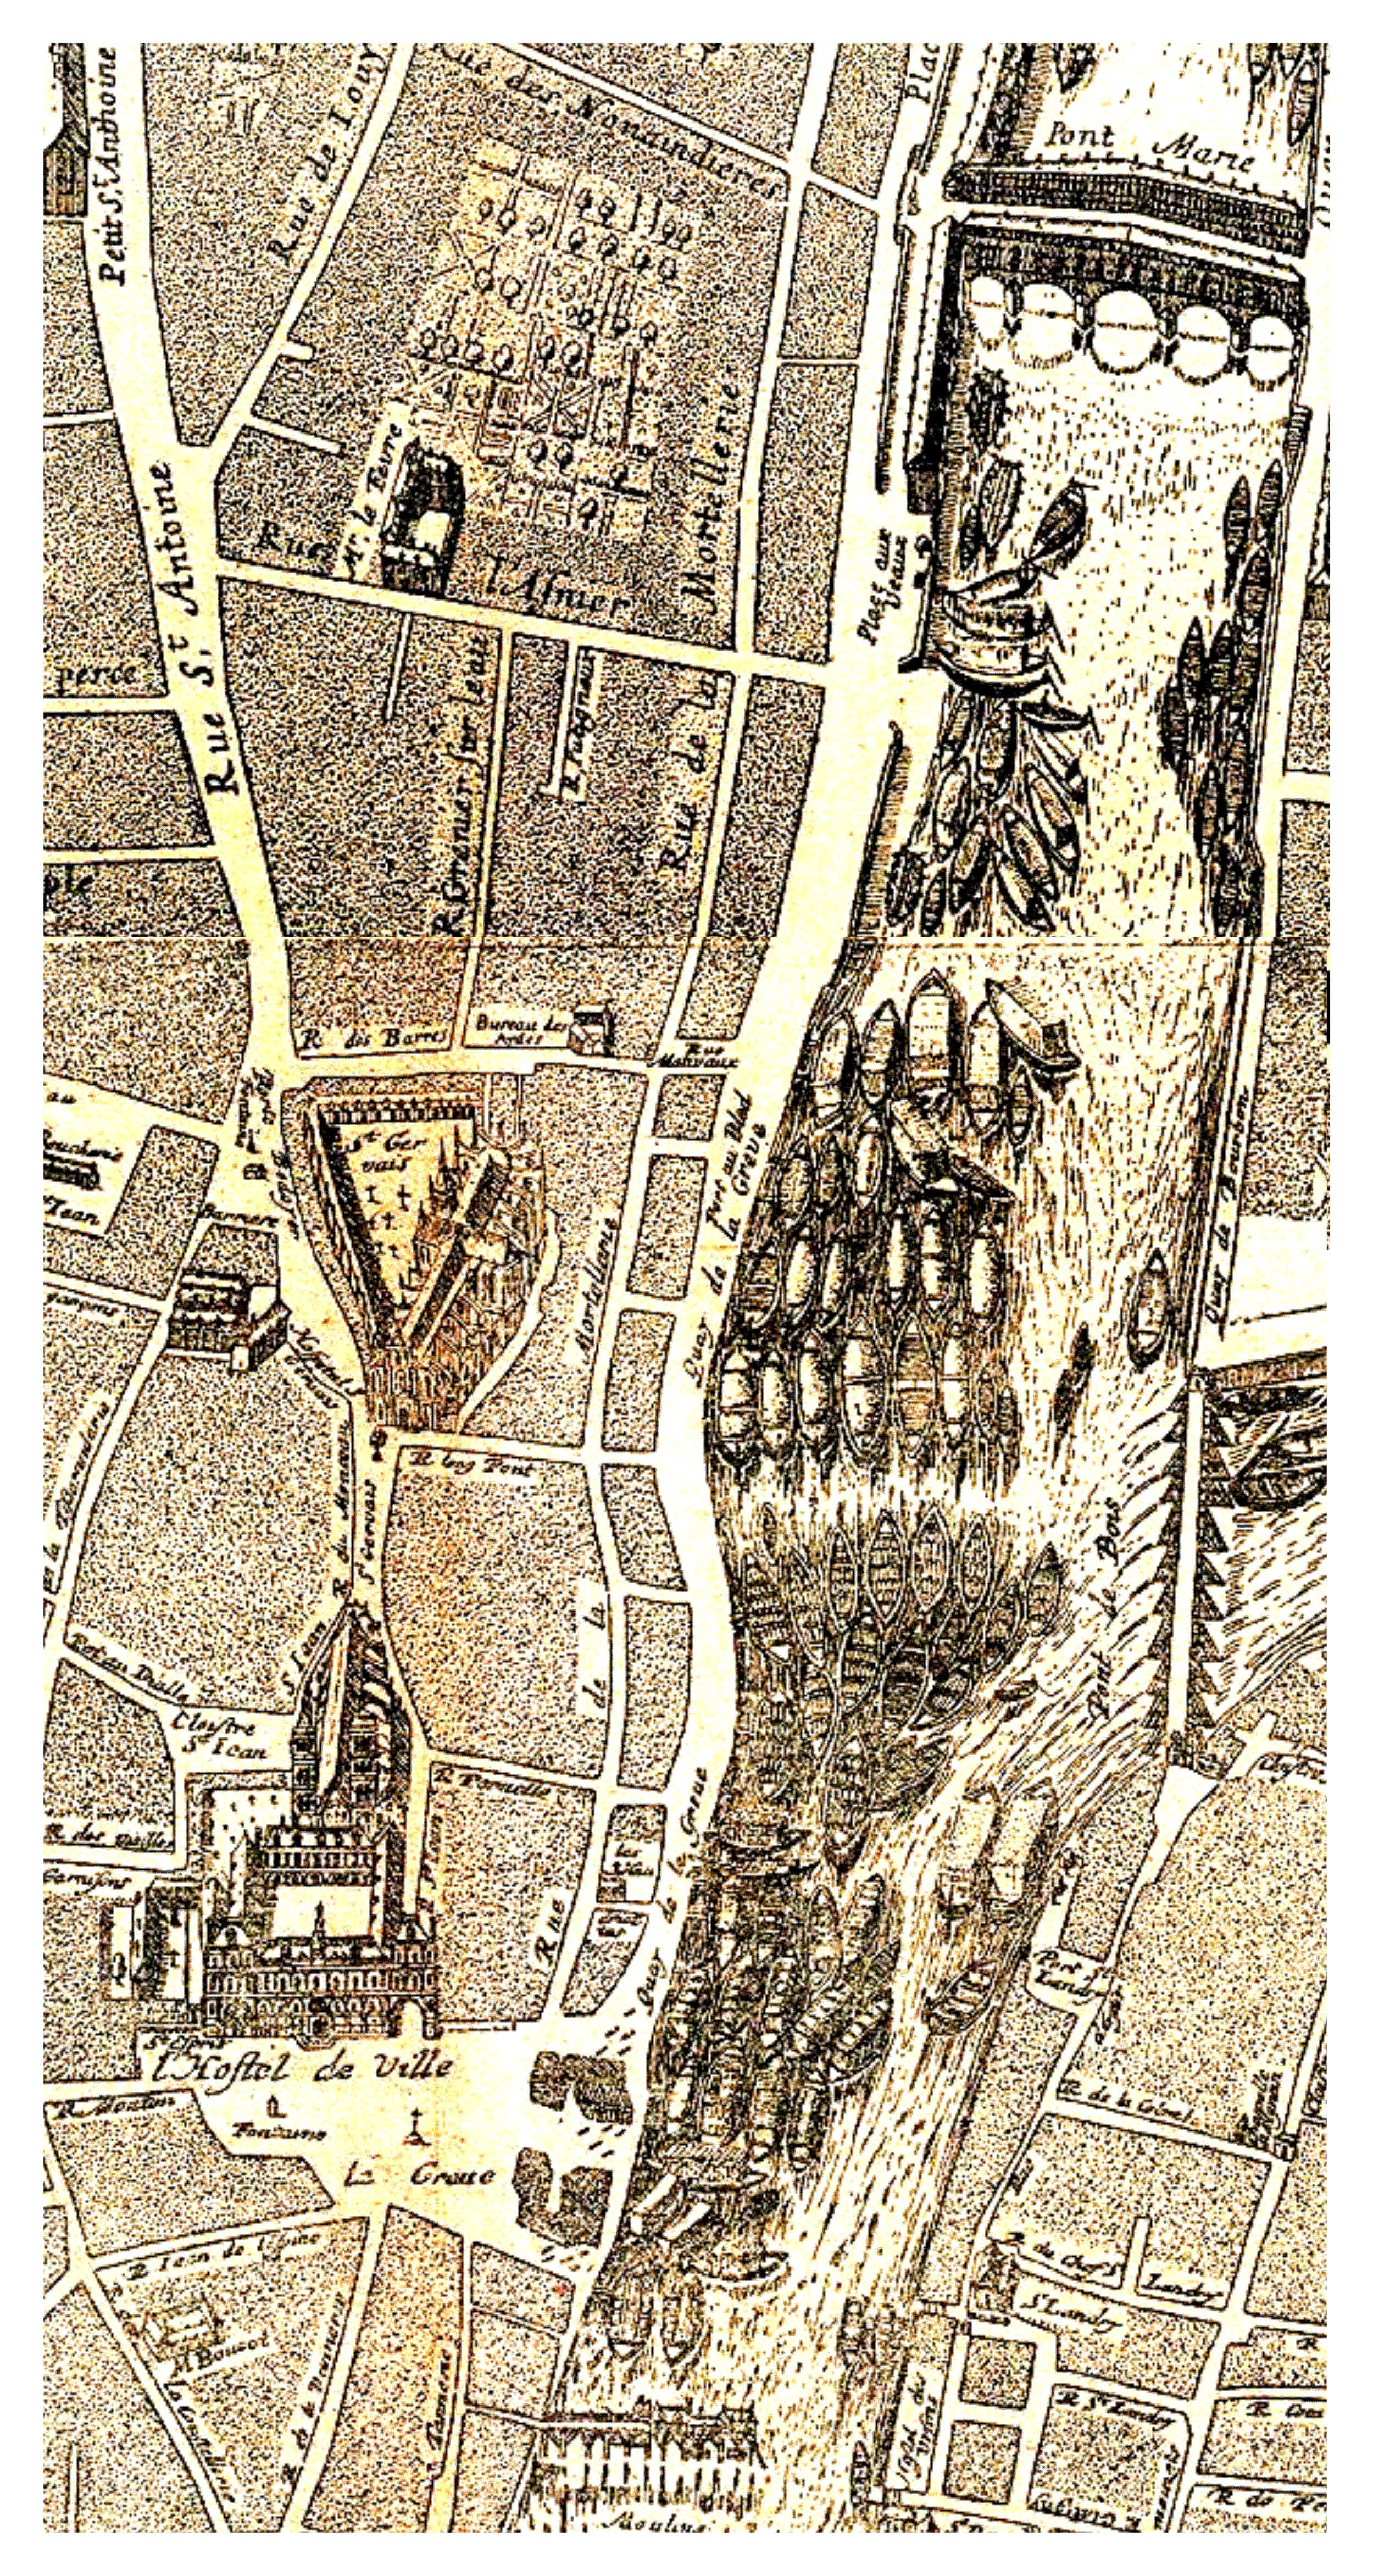 http://paris-atlas-historique.fr/resources/Gomboust+2.jpg